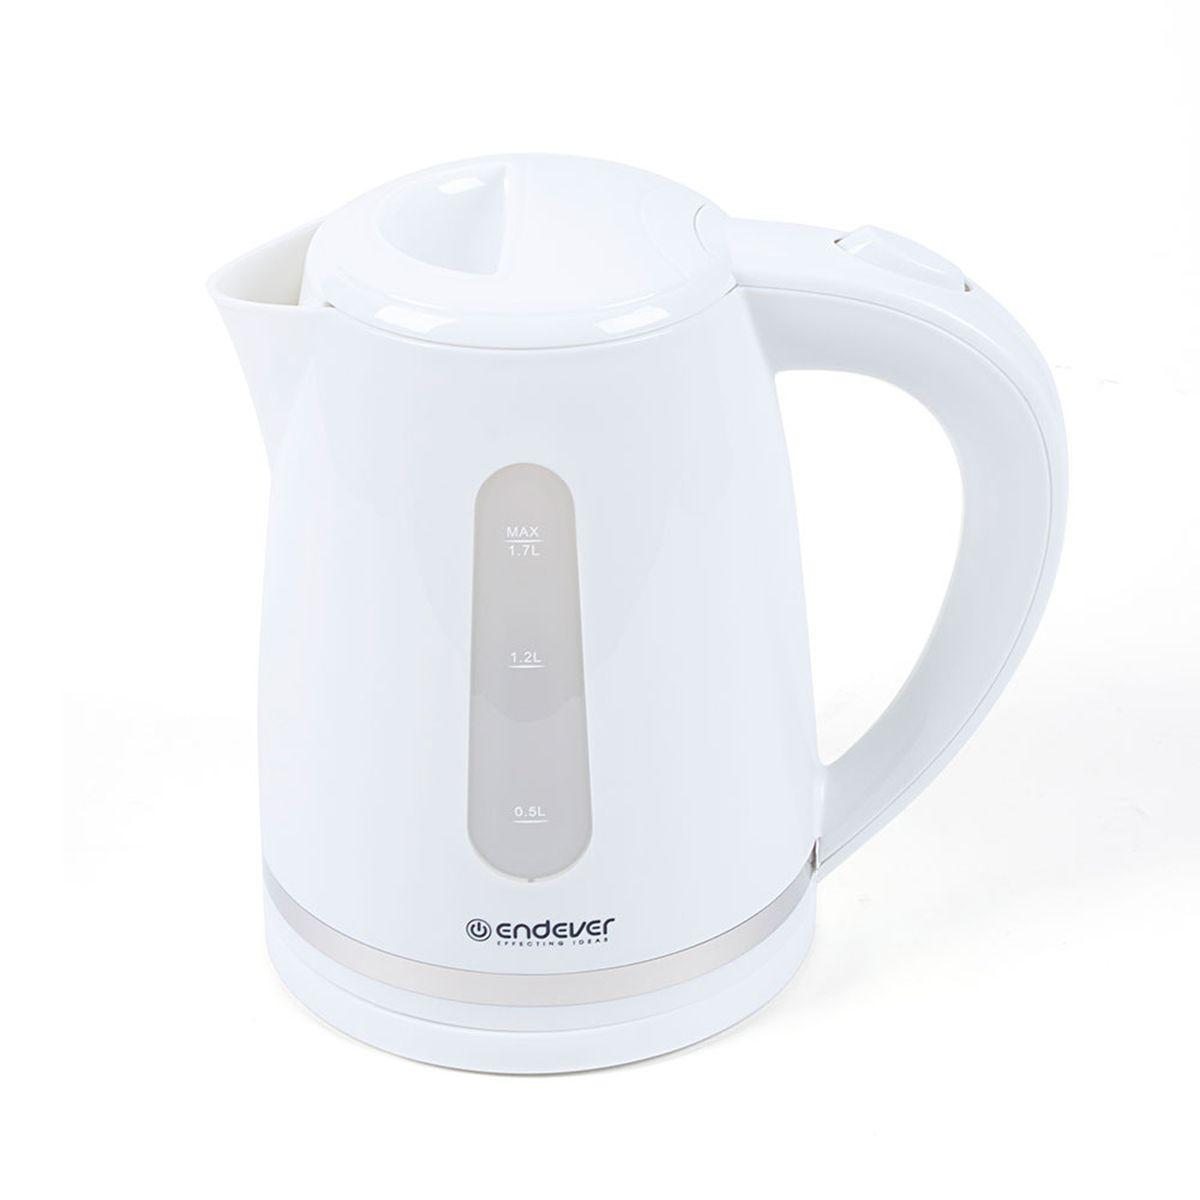 Endever KR-226 Skyline электрический чайникKR-226Endever KR-226 Skyline - это мощная (2400 Вт) модель большого объема (1,7 л). С помощью этого чайника вы сможете приготовить чай на большую компанию за считанные минуты. Вращающийся корпус сделает использование чайника еще более удобным, а фильтр избавит от попадания накипи в чашку.